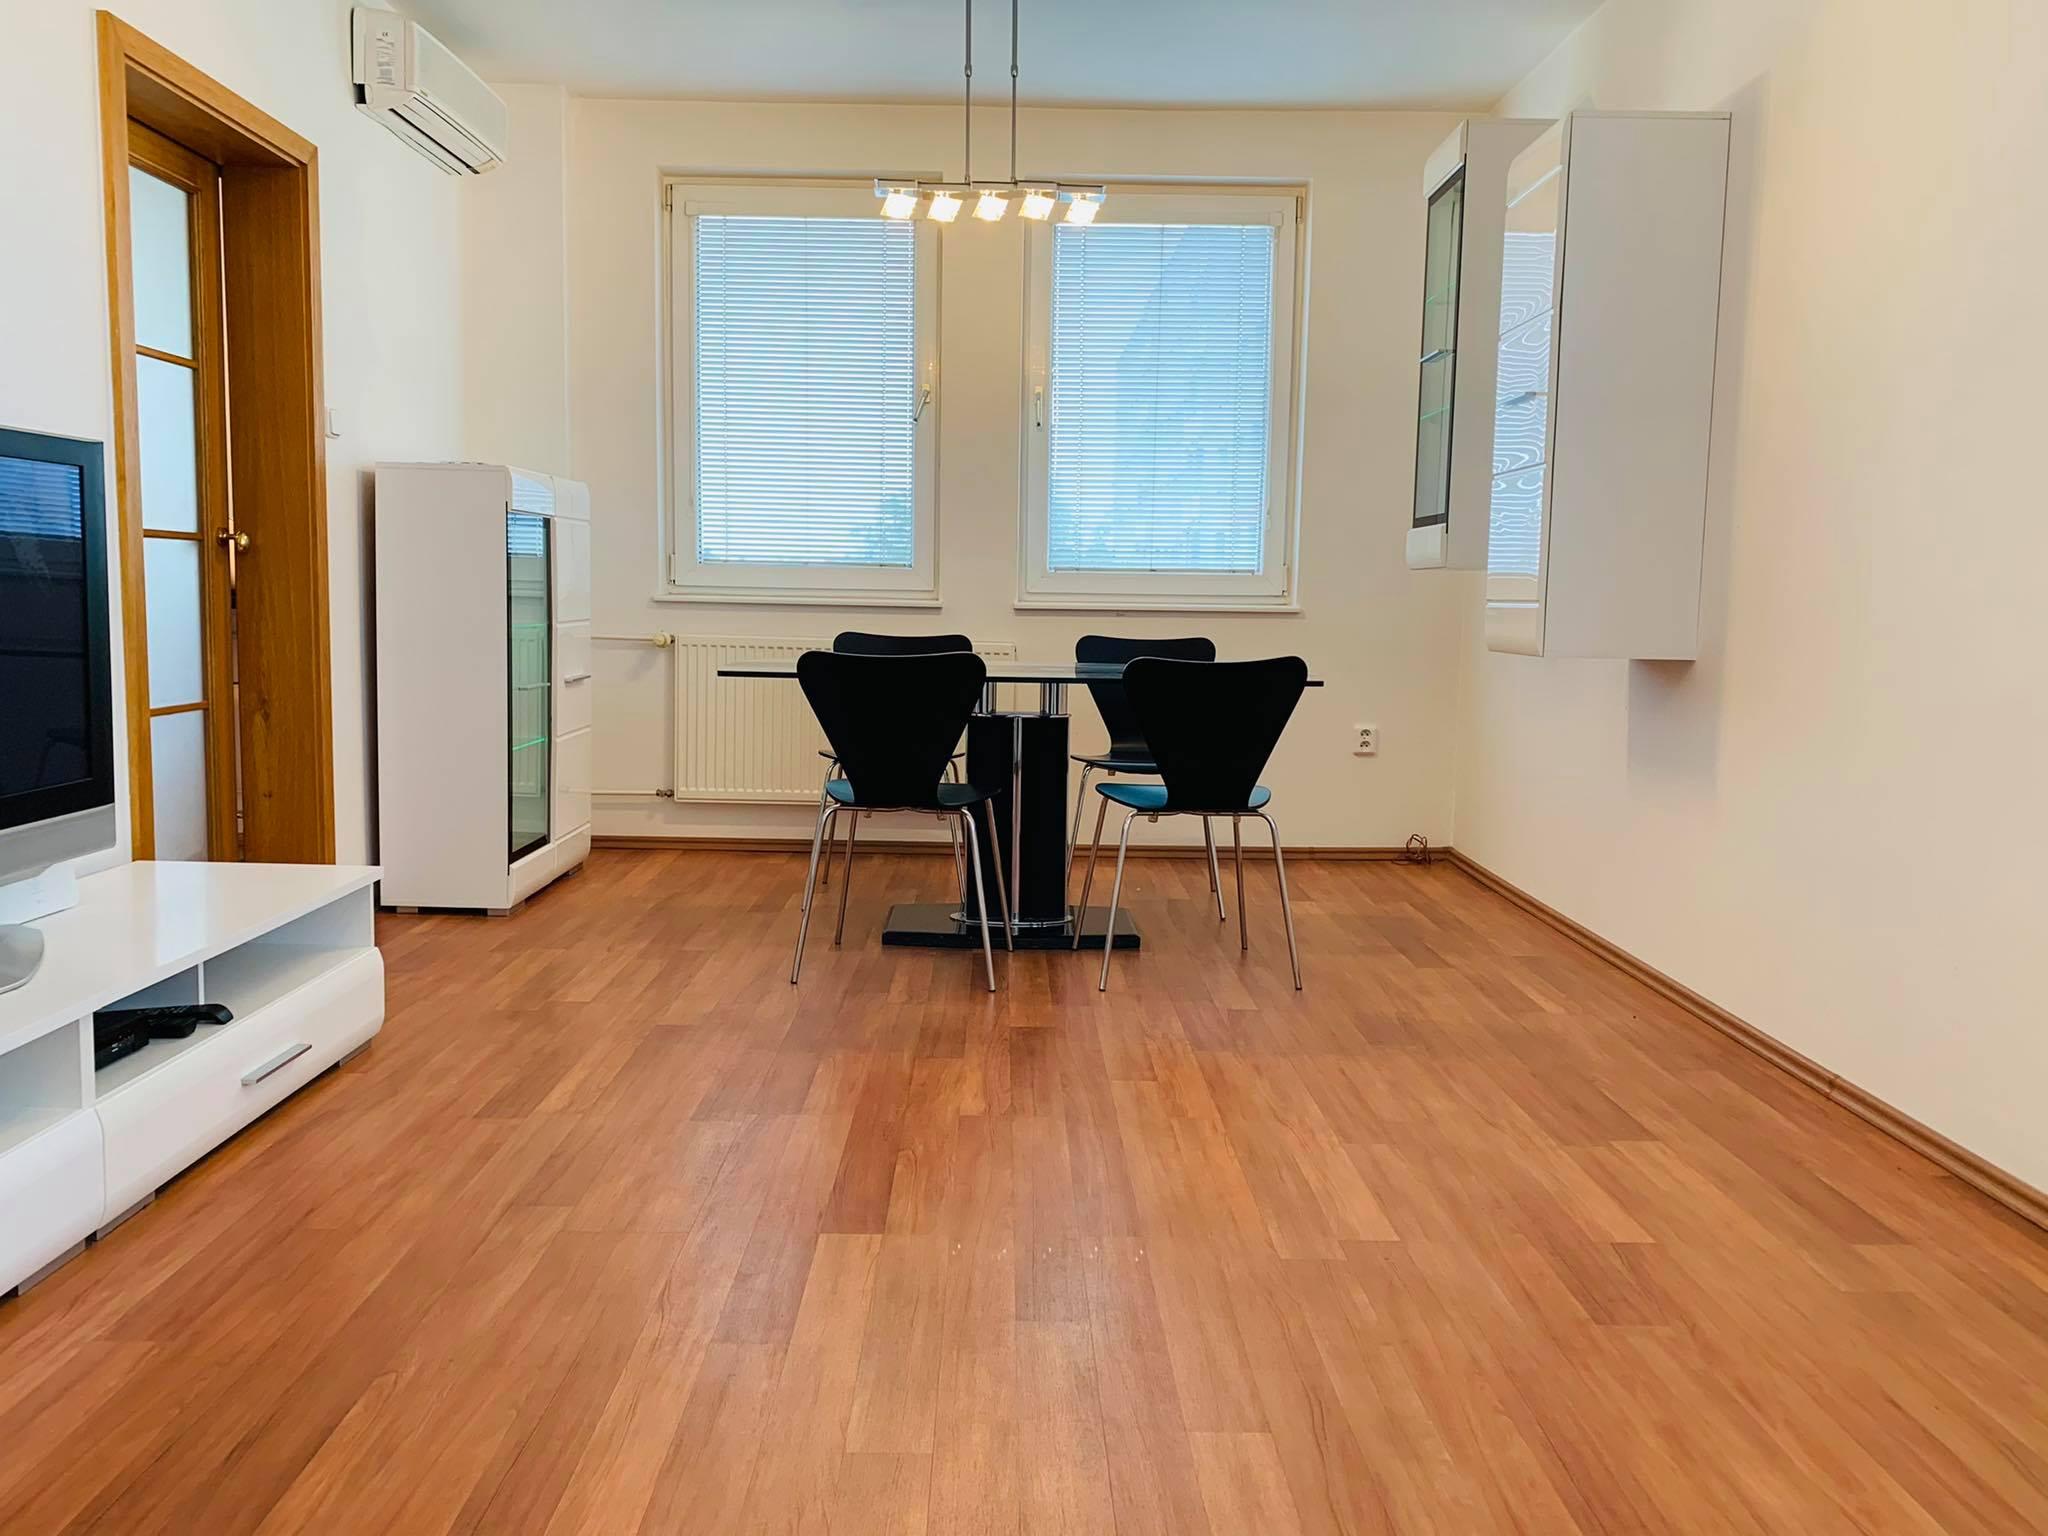 PREDANÉ | Veľký | 2-iz. byt s možnosťou prerobenia na 3-iz. byt | Na Hlinách | PREDAJ | TRNAVA!